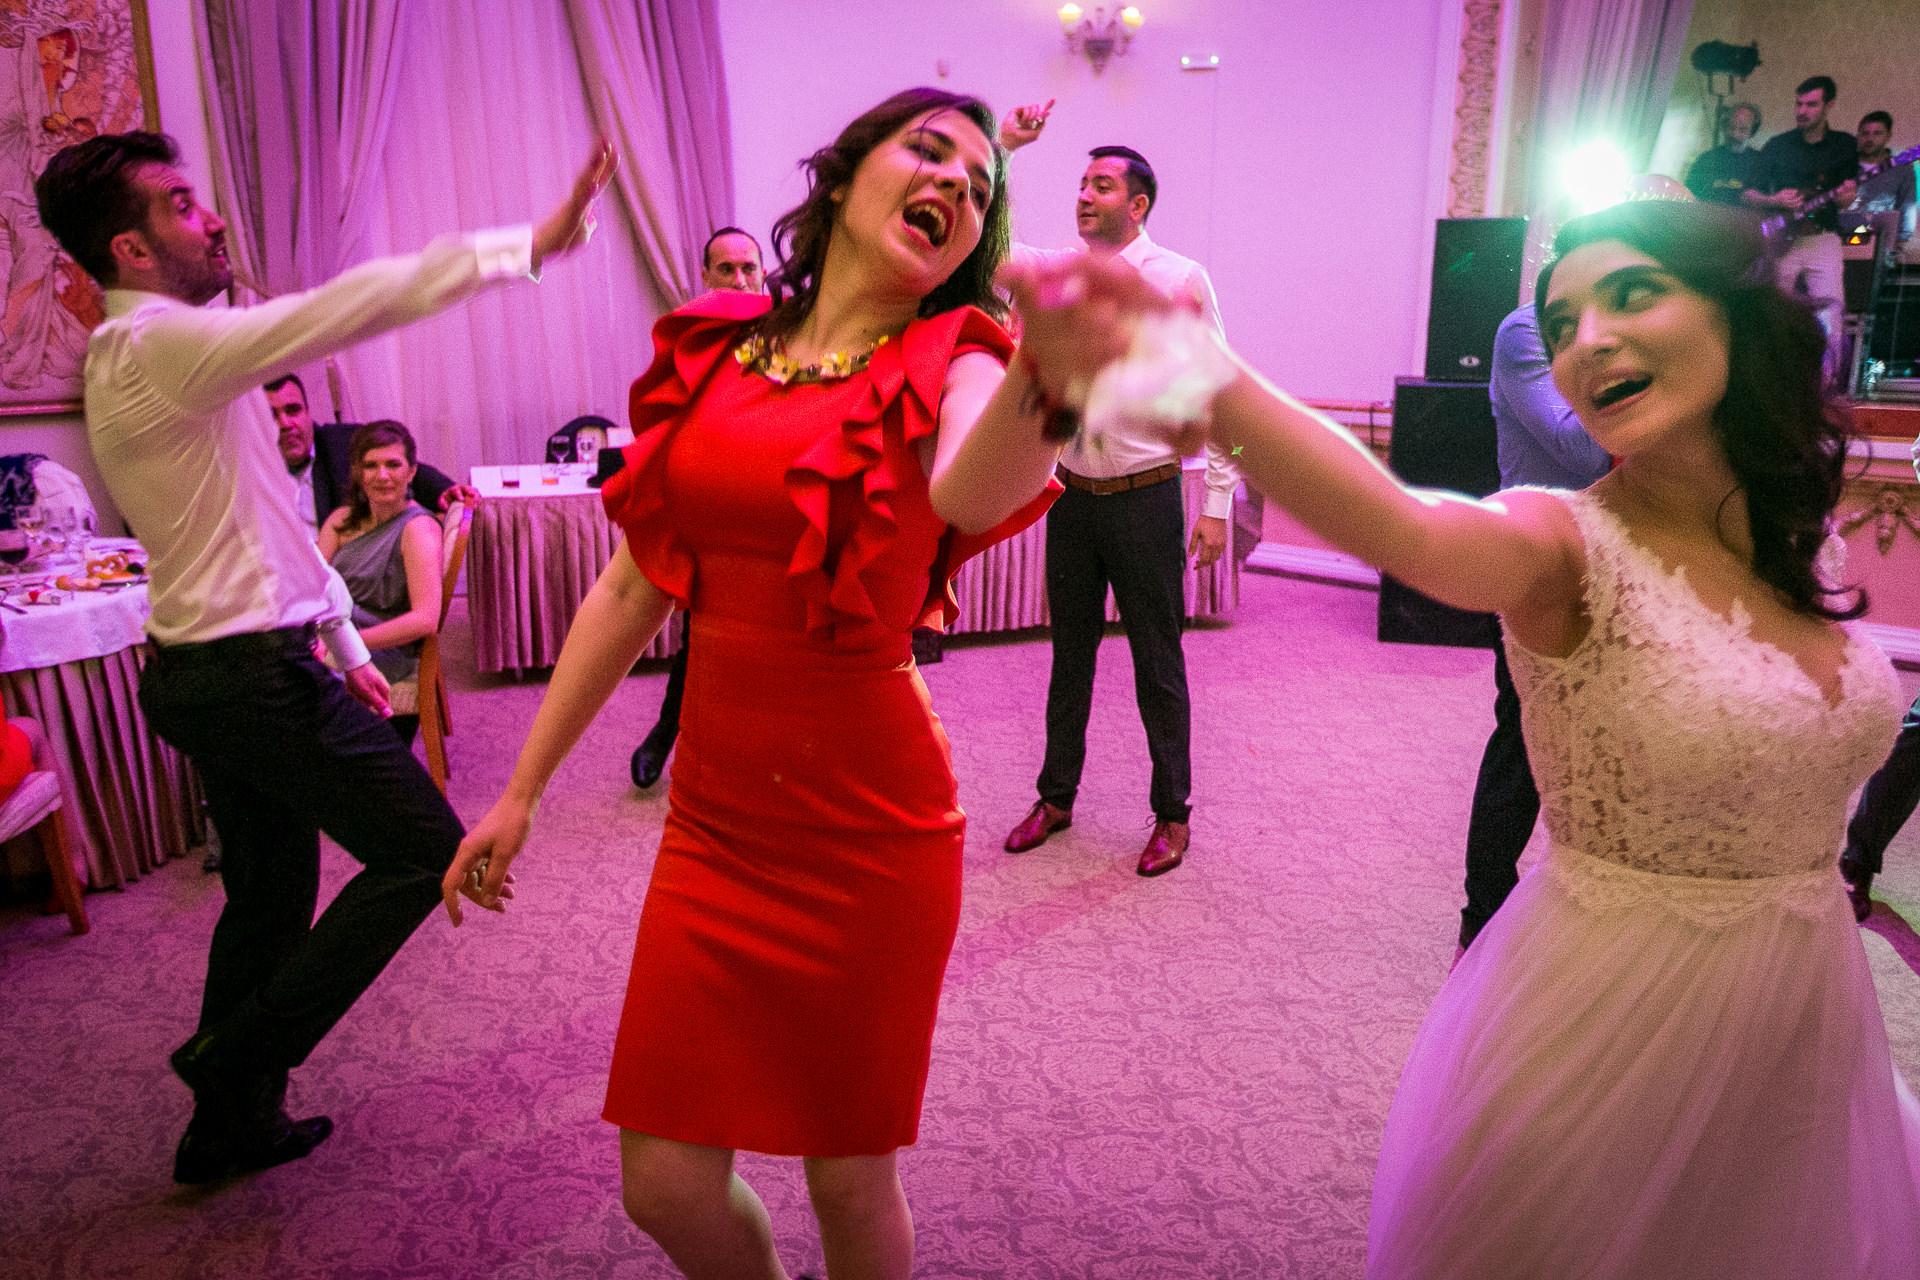 nuntă Salon Elisabeta - Elena şi Costin - Mihai Zaharia Photography - 083